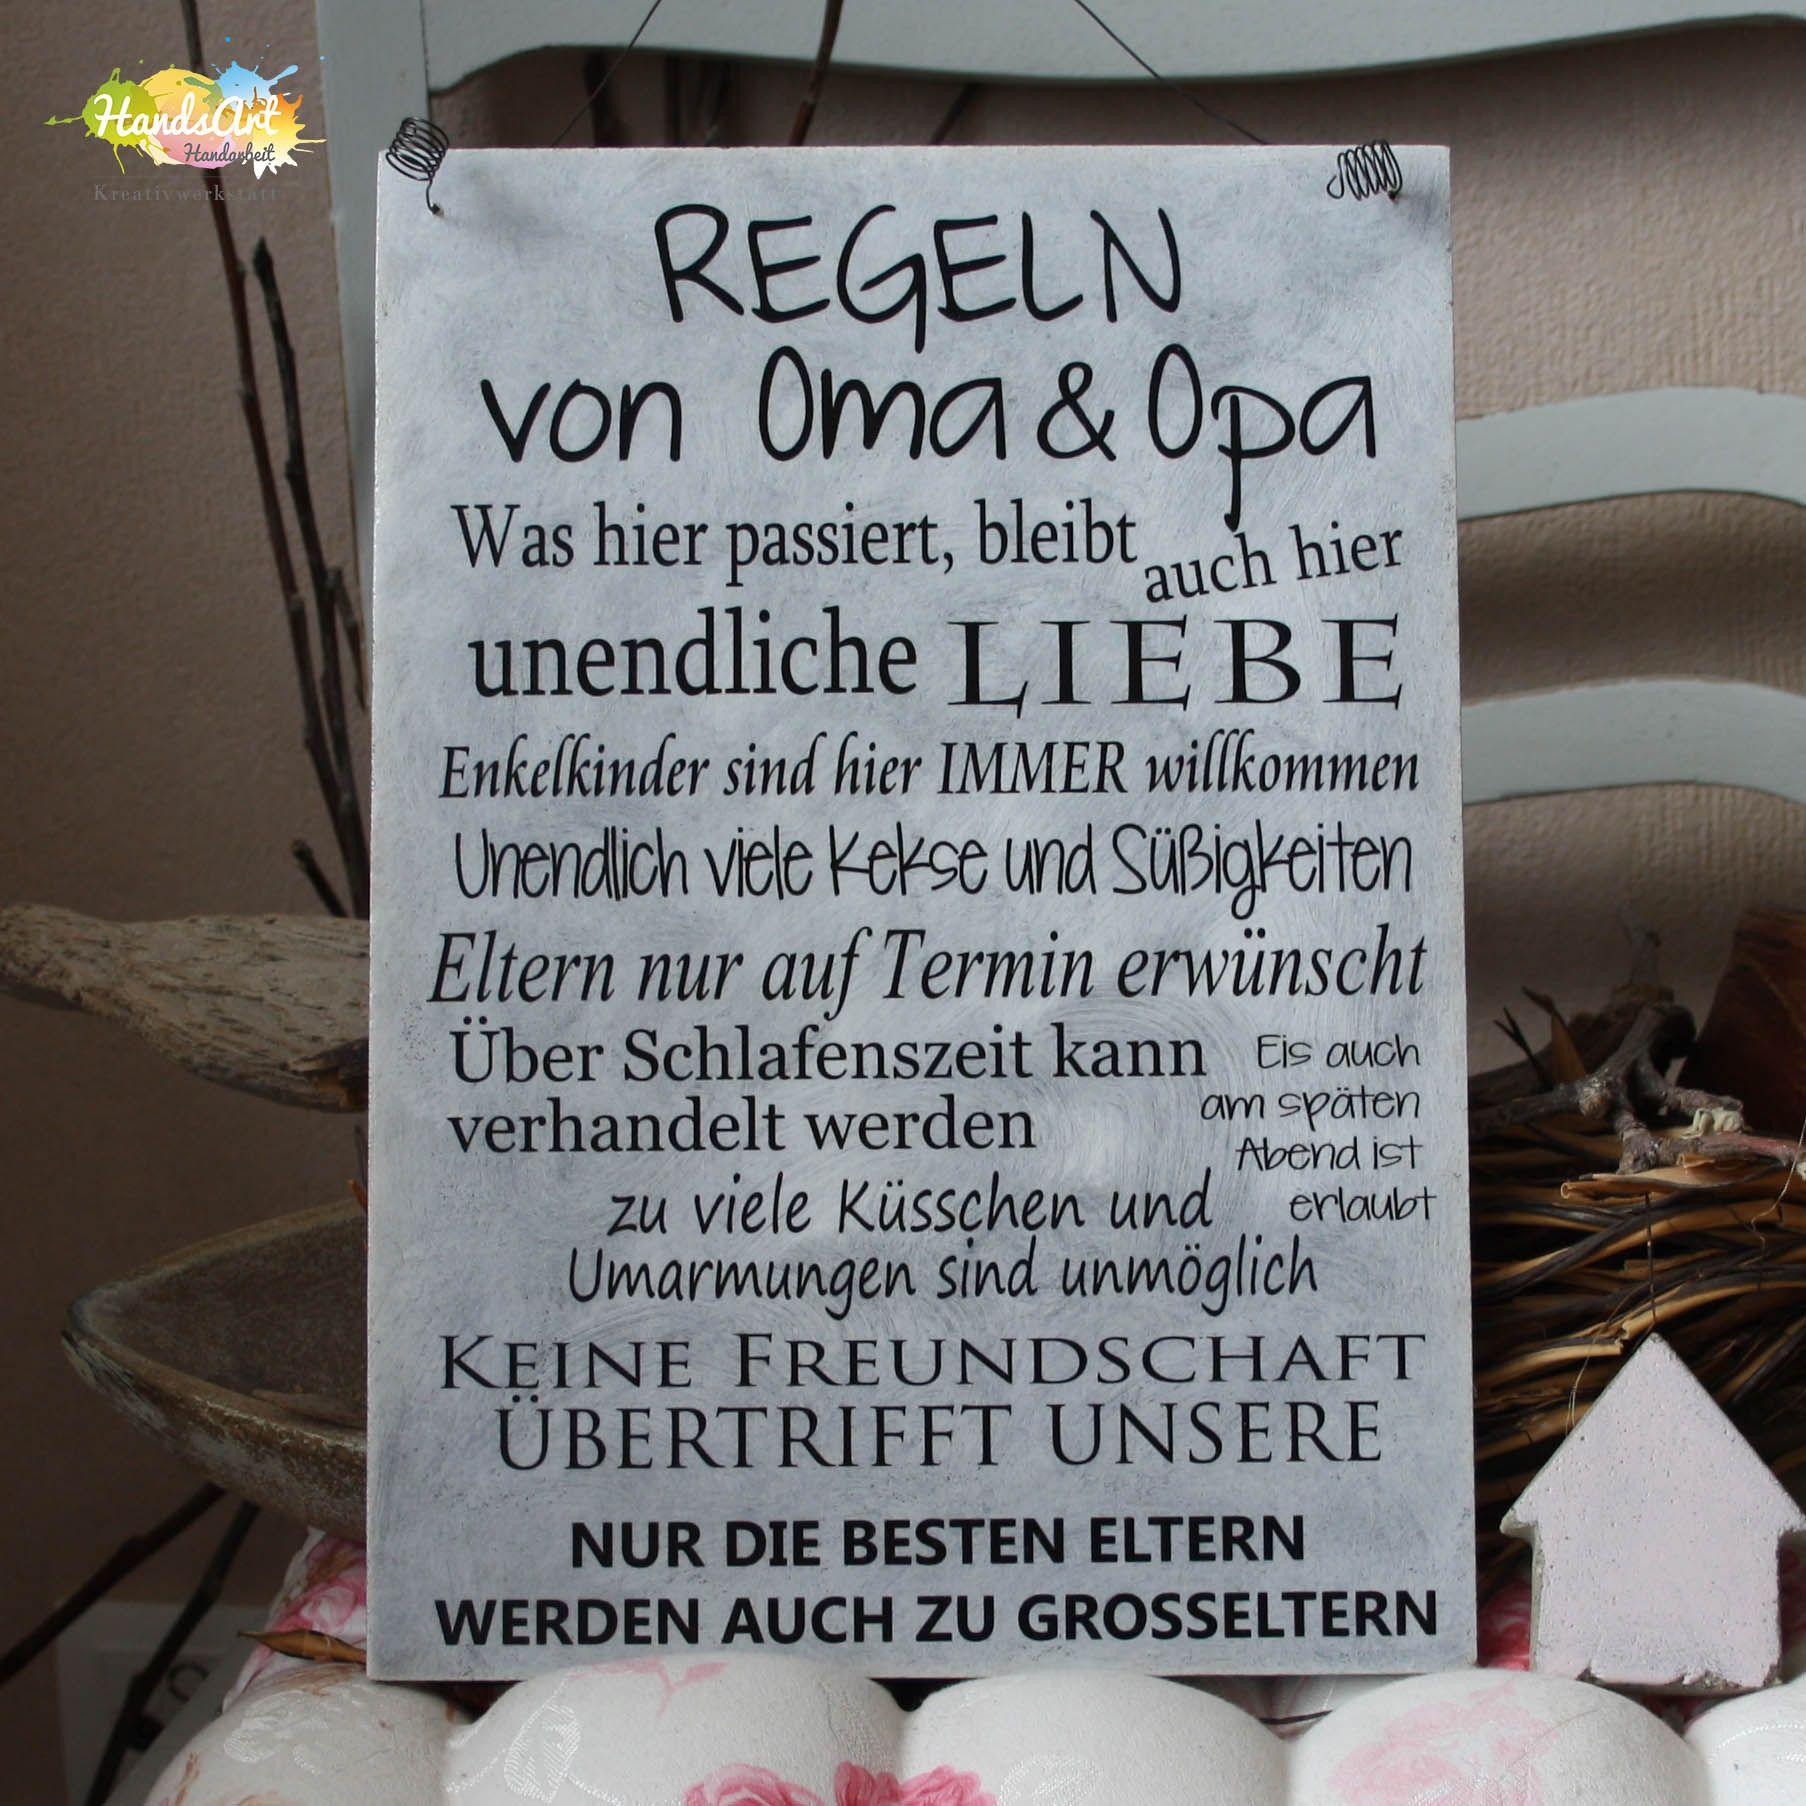 Regeln von Oma & Opa | Basteln oma, Sprüche für oma